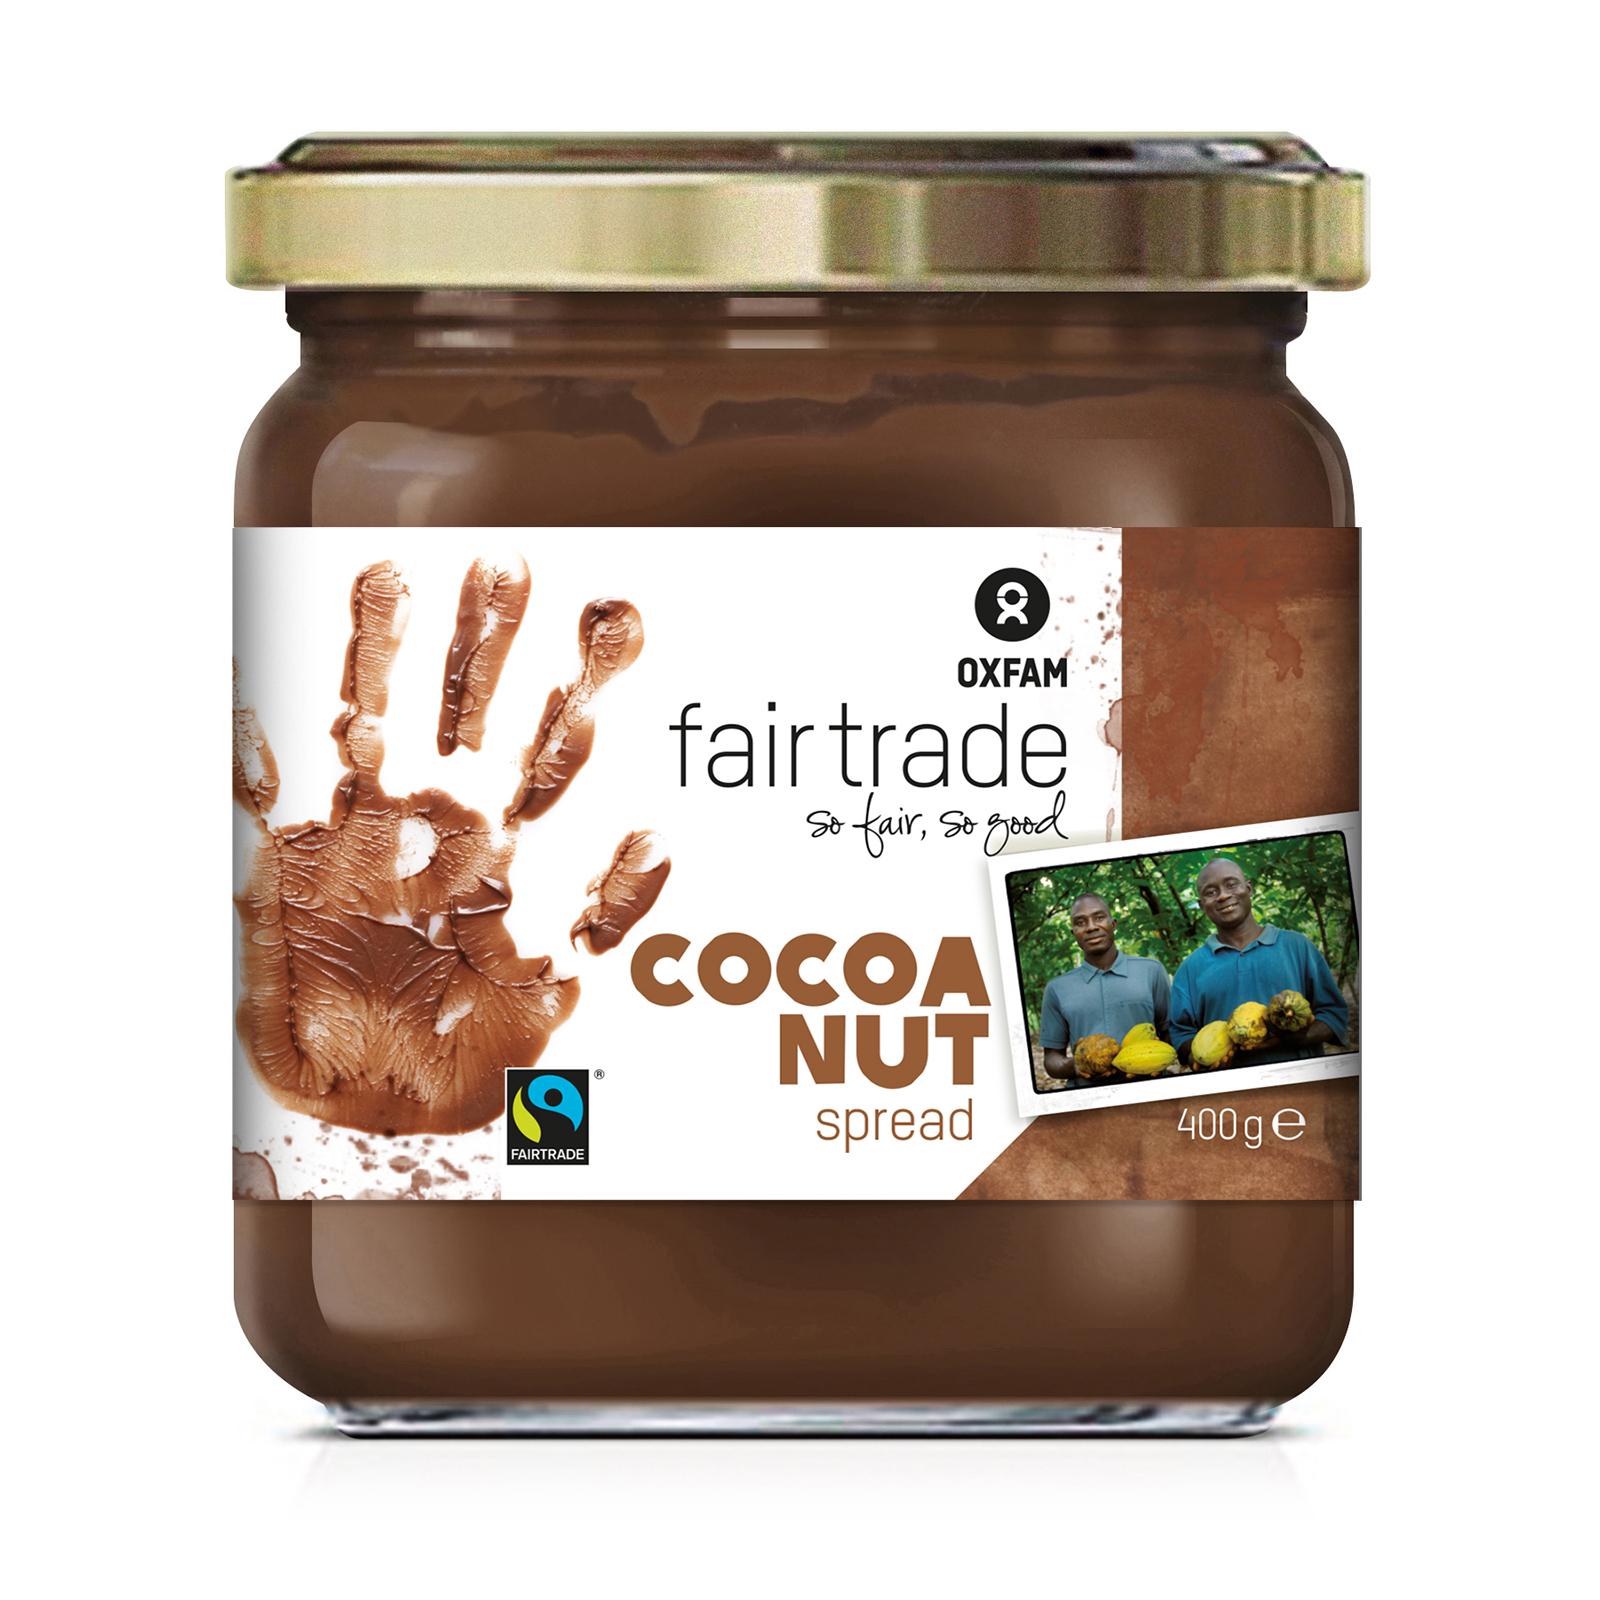 Oxfam Fair Trade 26400